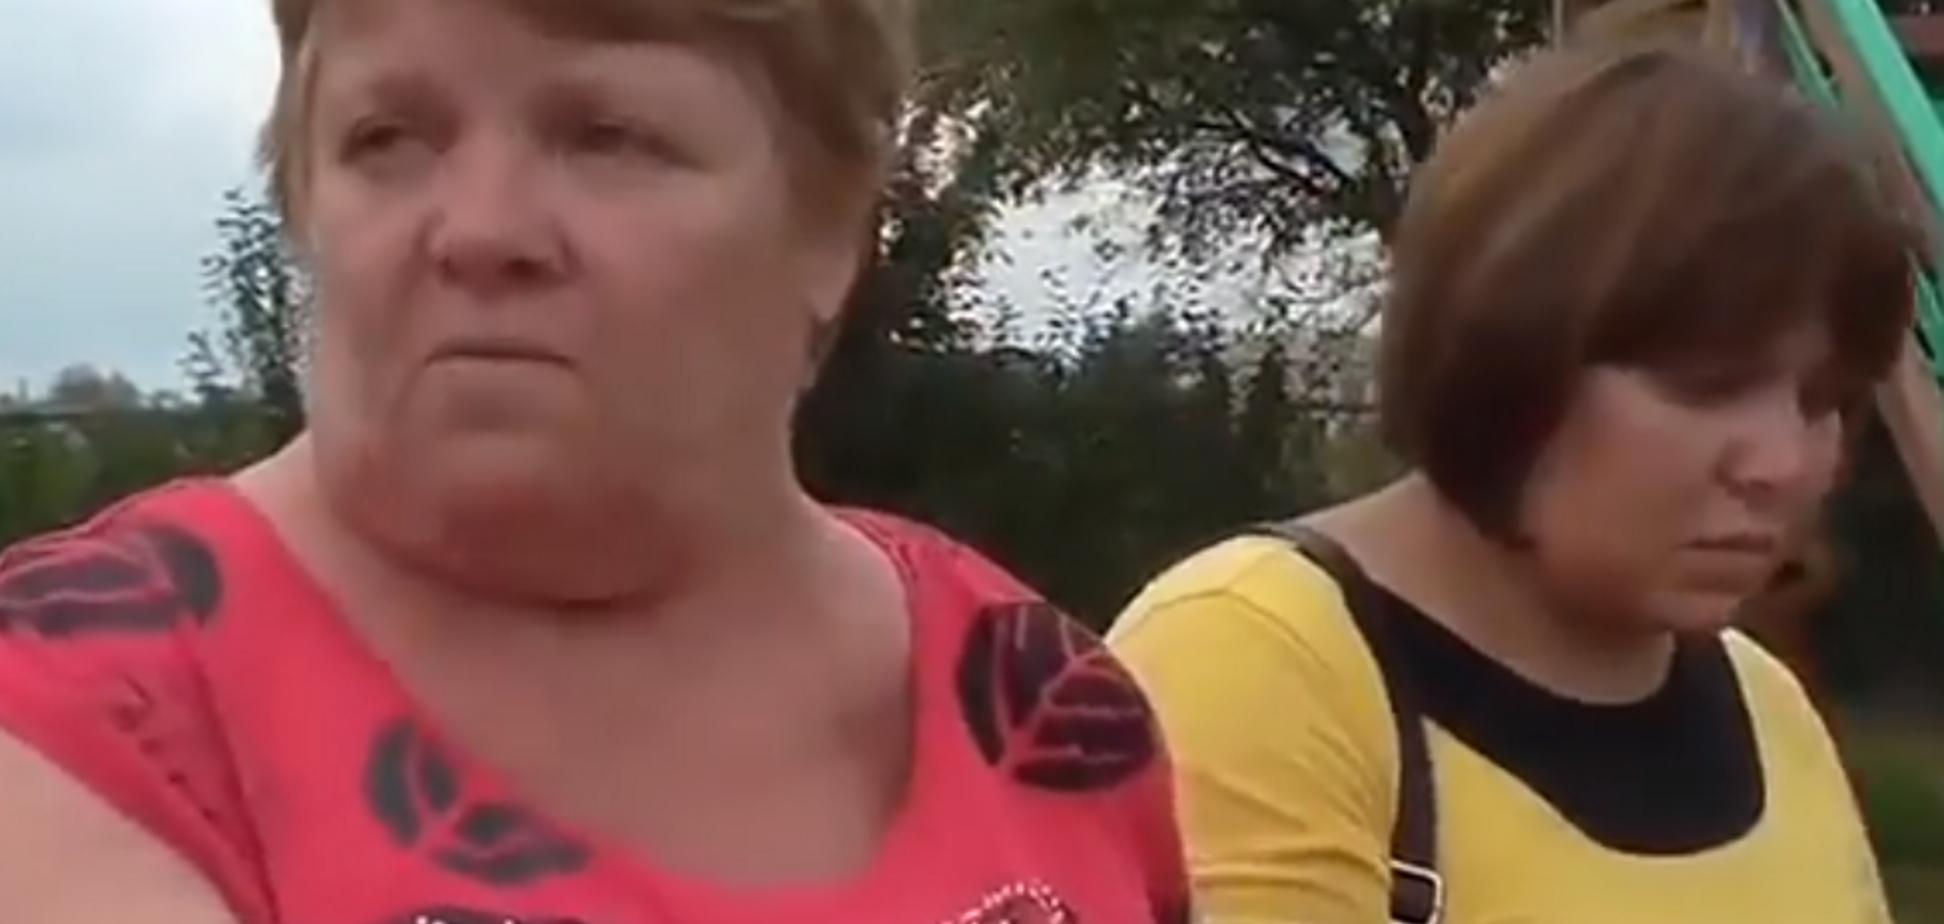 'Насолоджуйтесь рускім міром': біженці з України поскаржилися на те, як їх 'кинули' у Путіна. Відеофакт